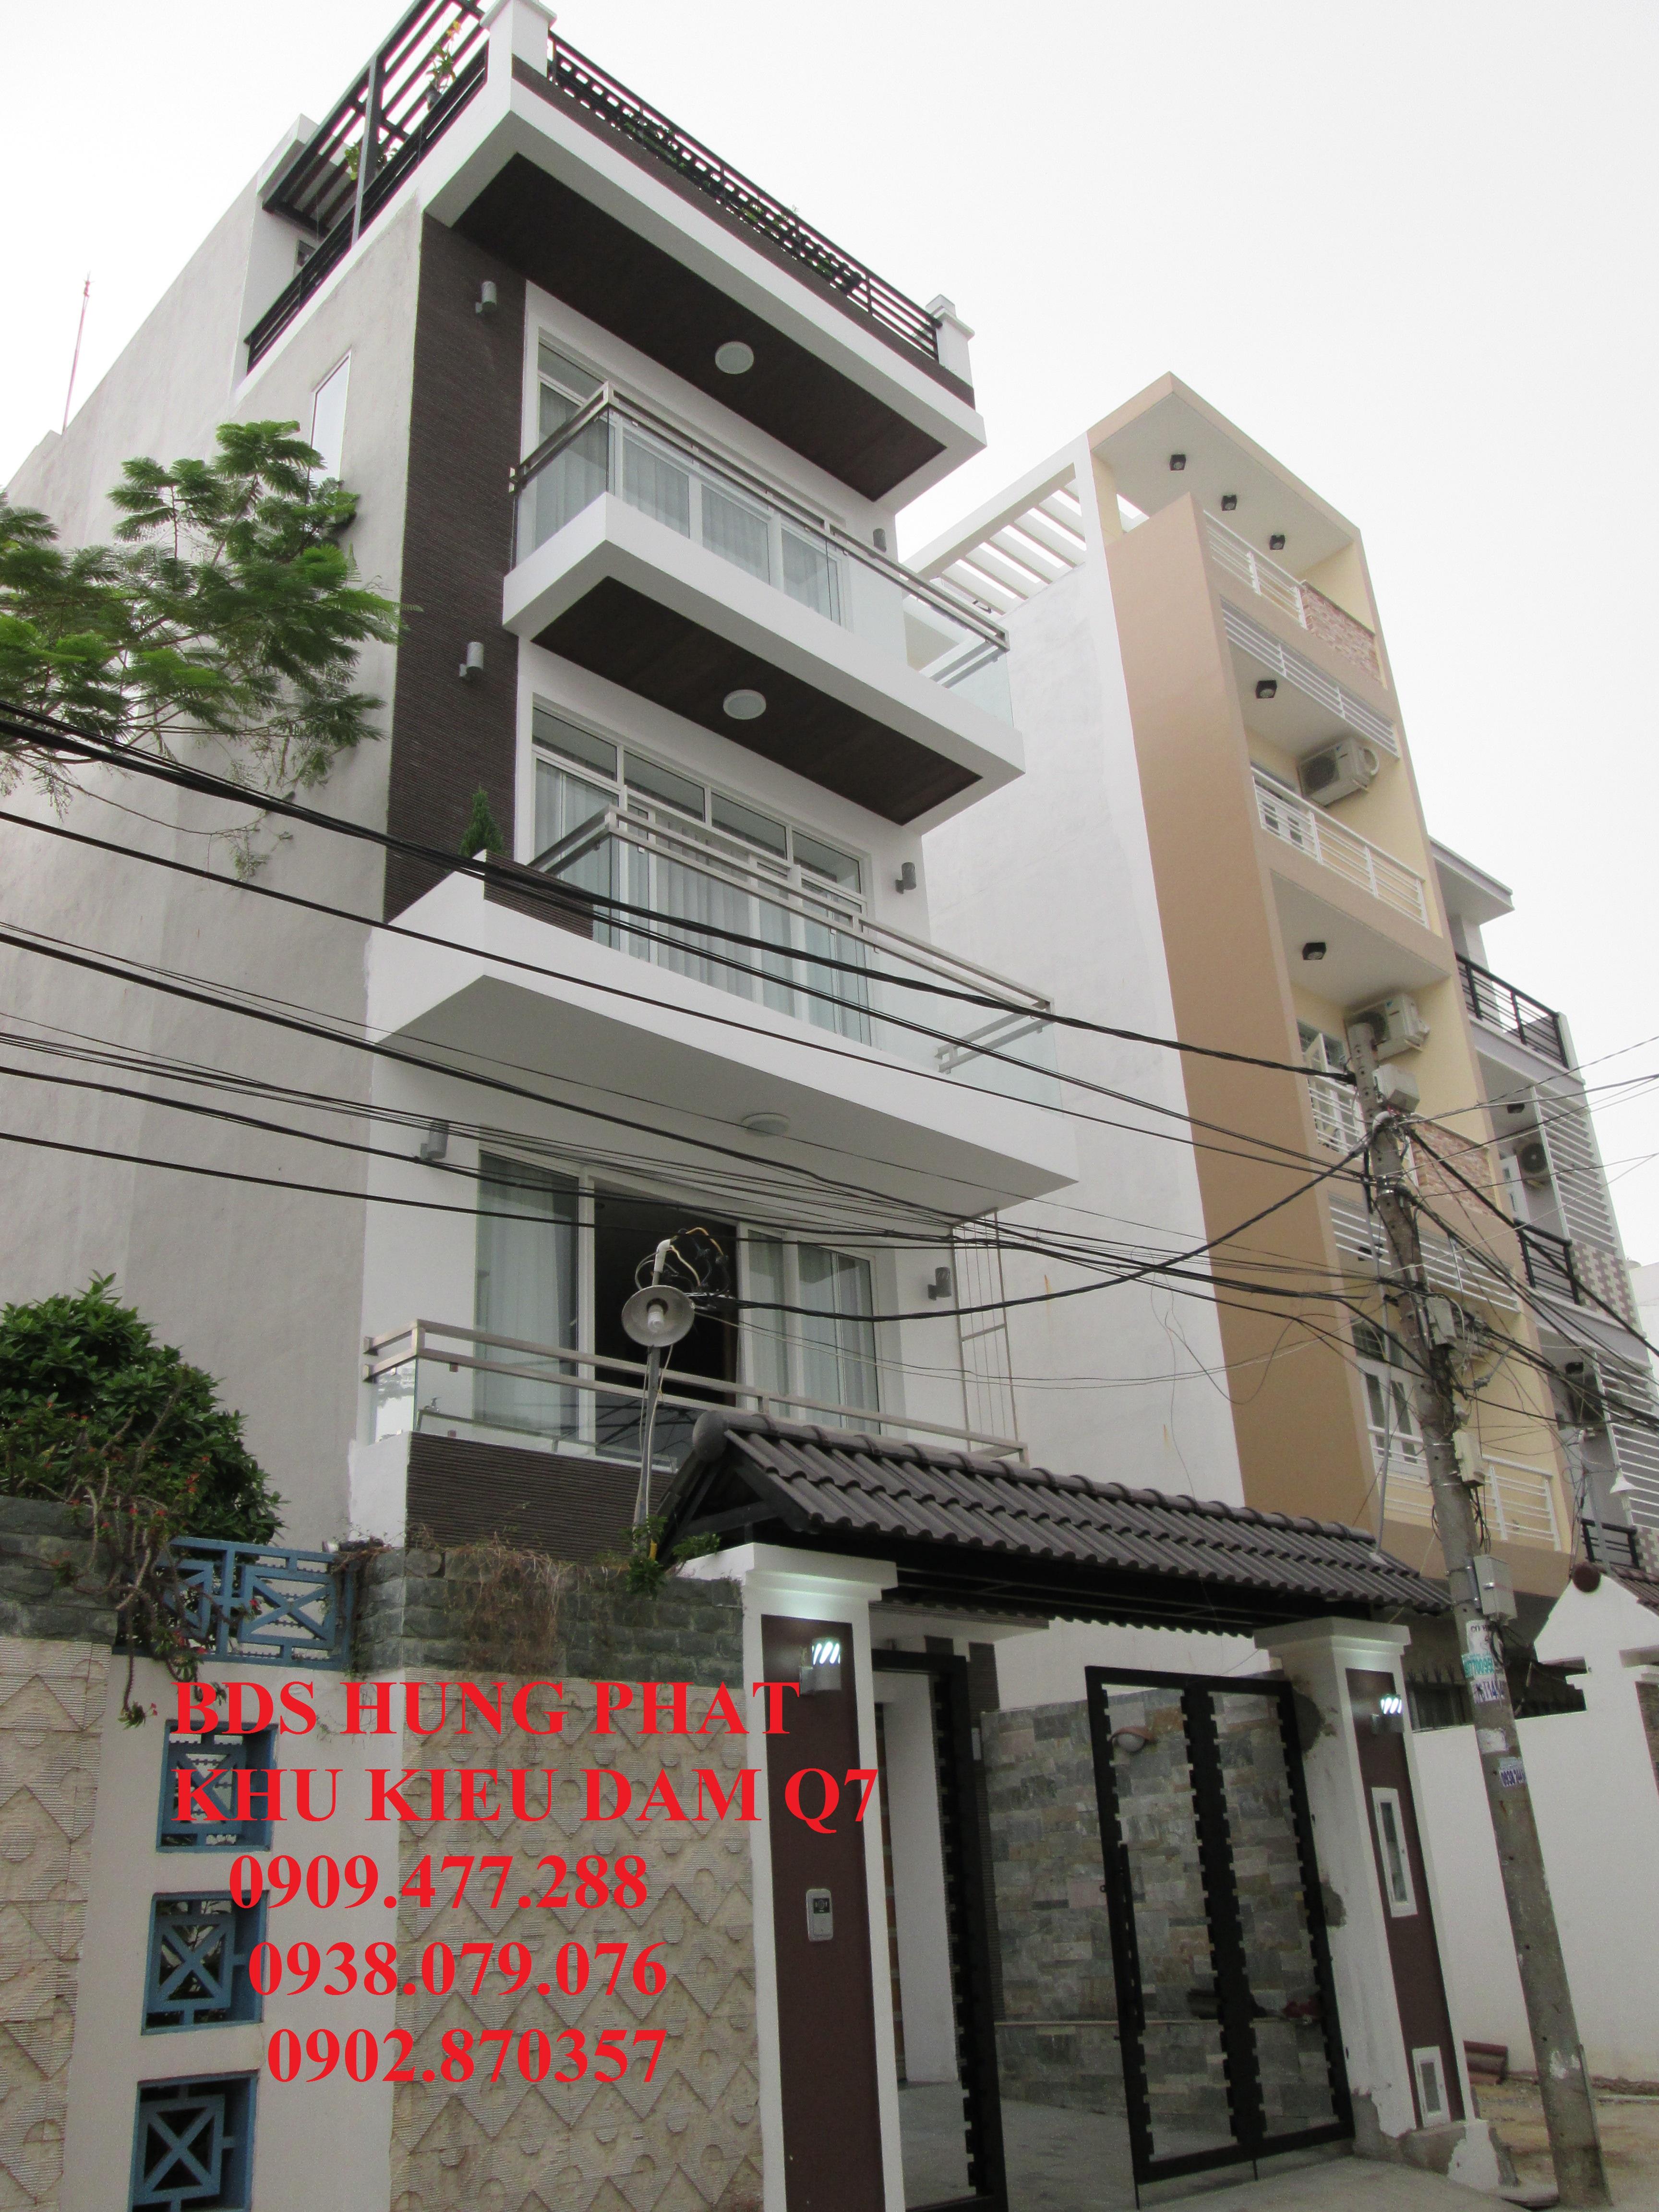 Bán đất mặt tiền đường KDC Kiều Đàm, P. Tân Hưng, quận 7. DT: 5x19.5m. Giá 47tr/m2 TL, đất thổ cư, vị trí đẹp.